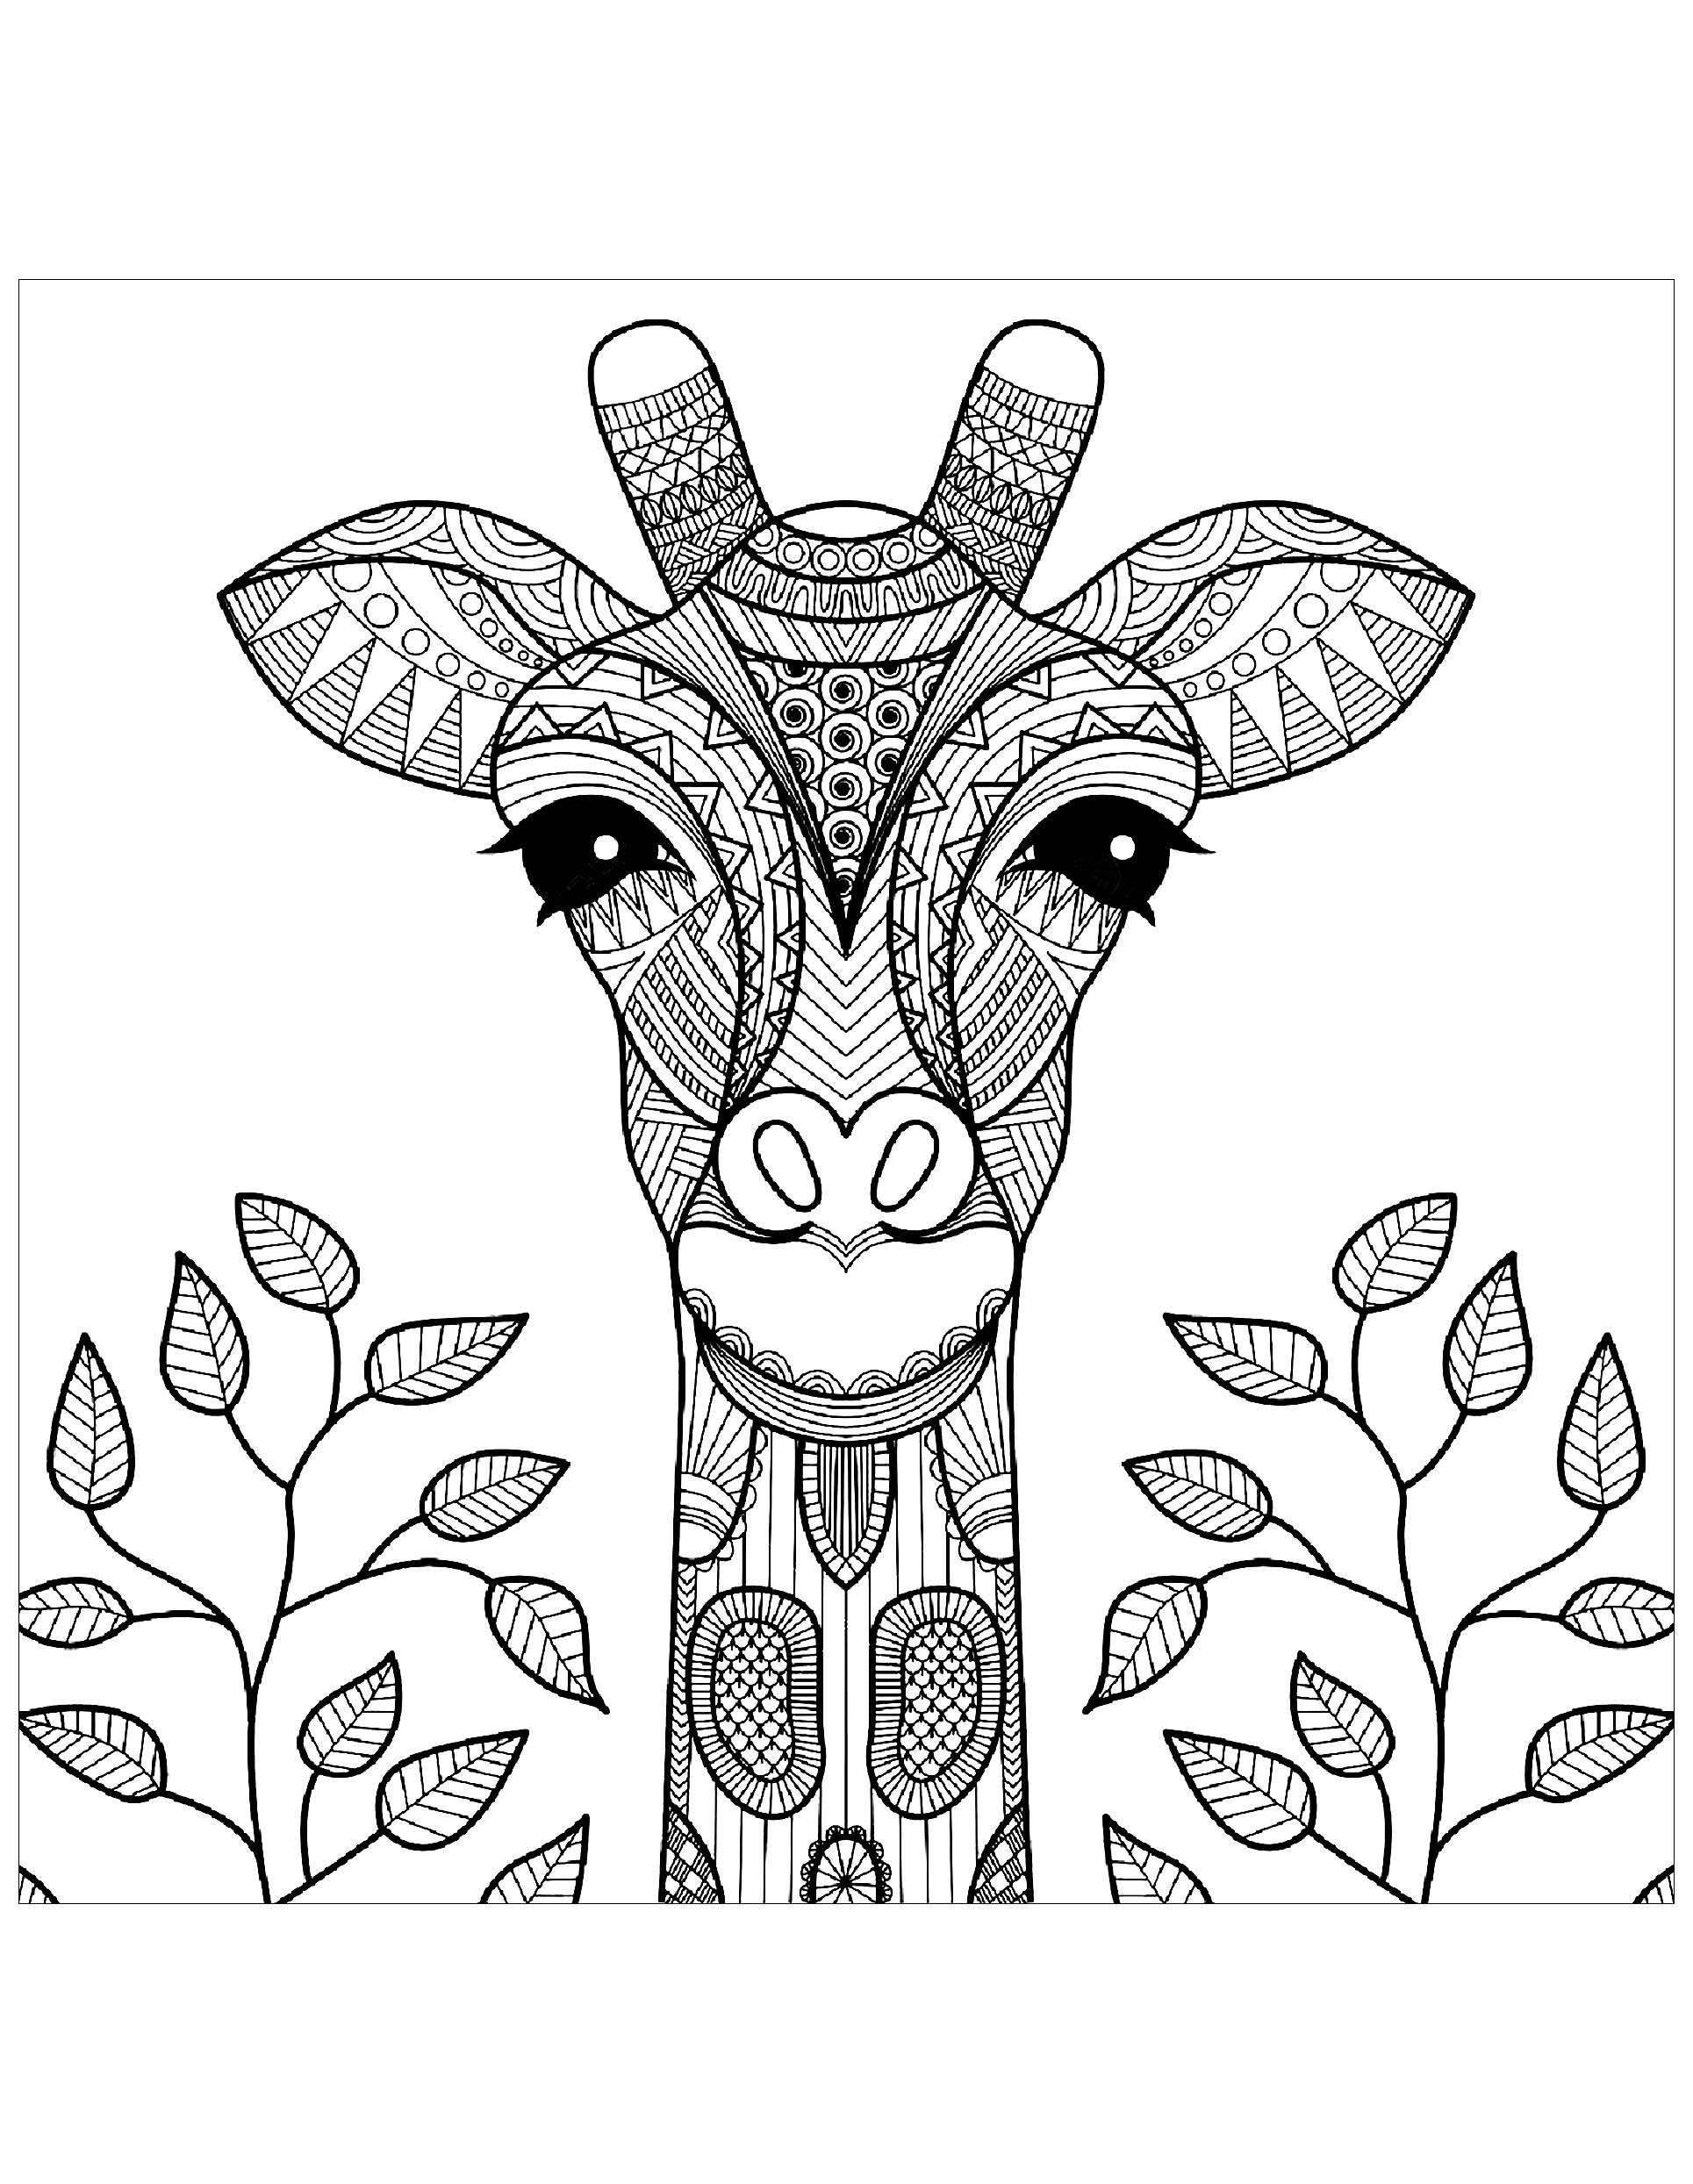 Gratuit tete de girafe et feuilles coloriage de girafes coloriages pour enfants - Feuille de coloriage gratuit ...